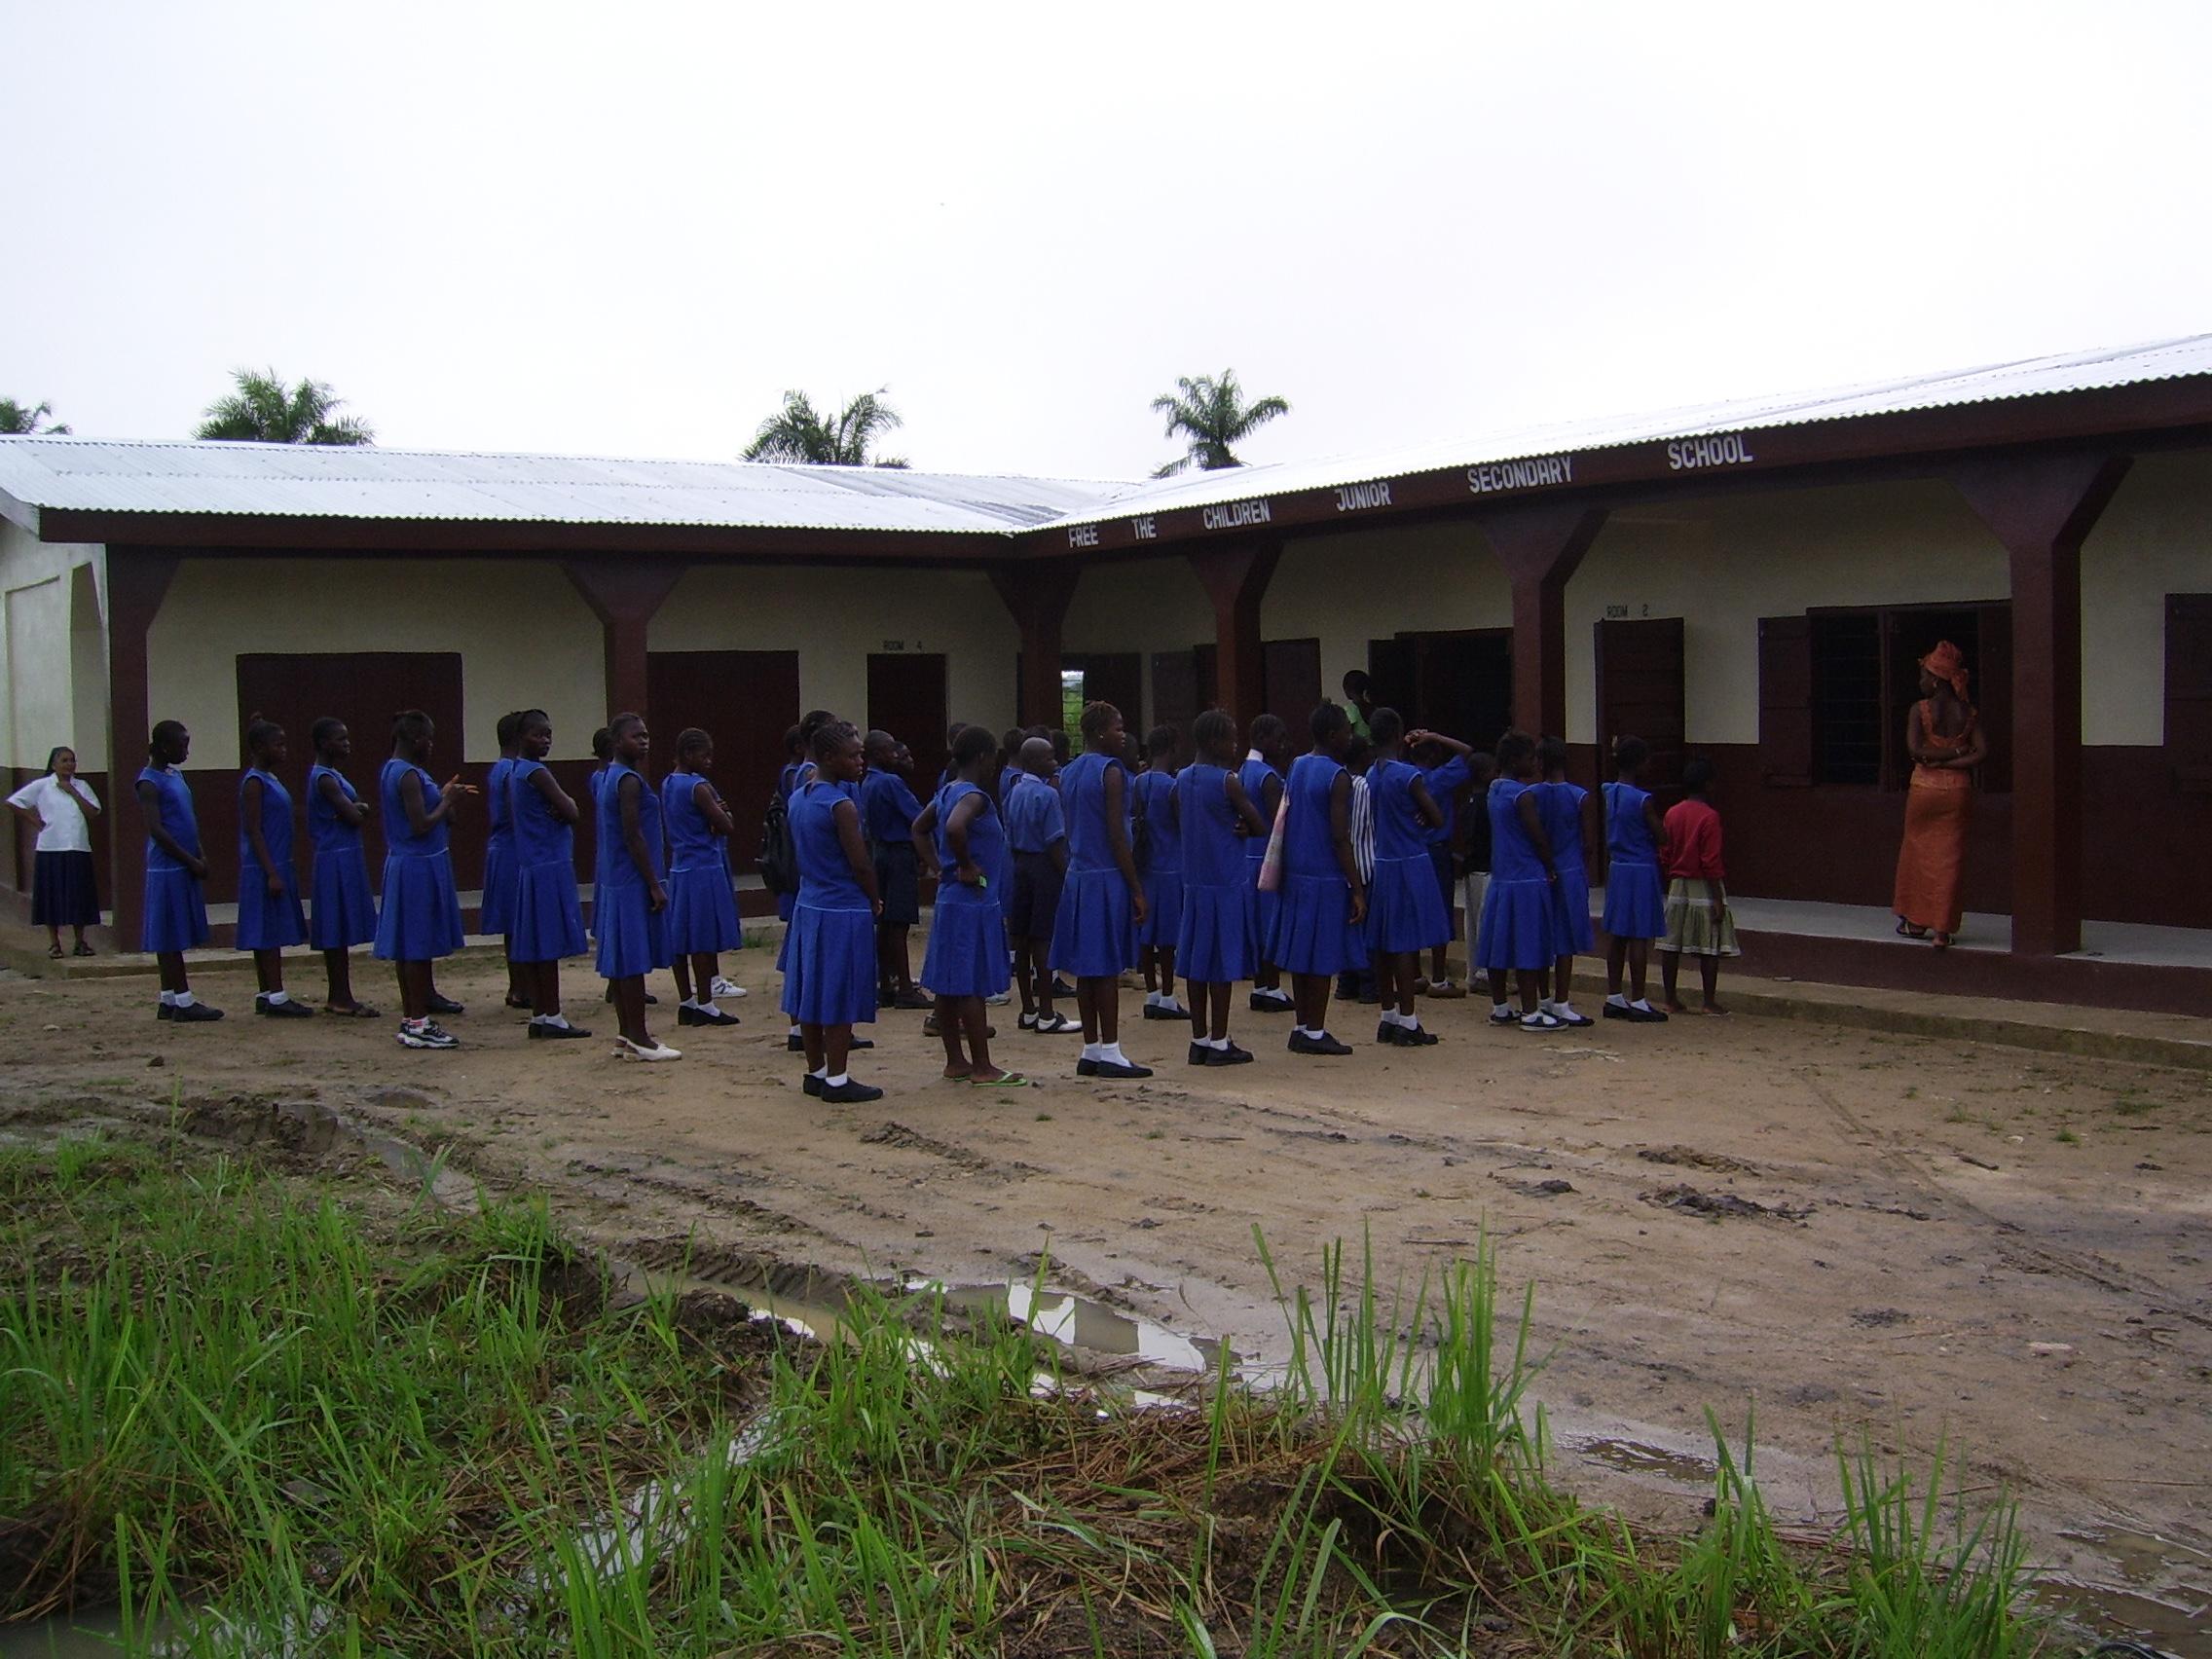 2006-SierraLeone-kidsinfrontofschoolhouse.jpg